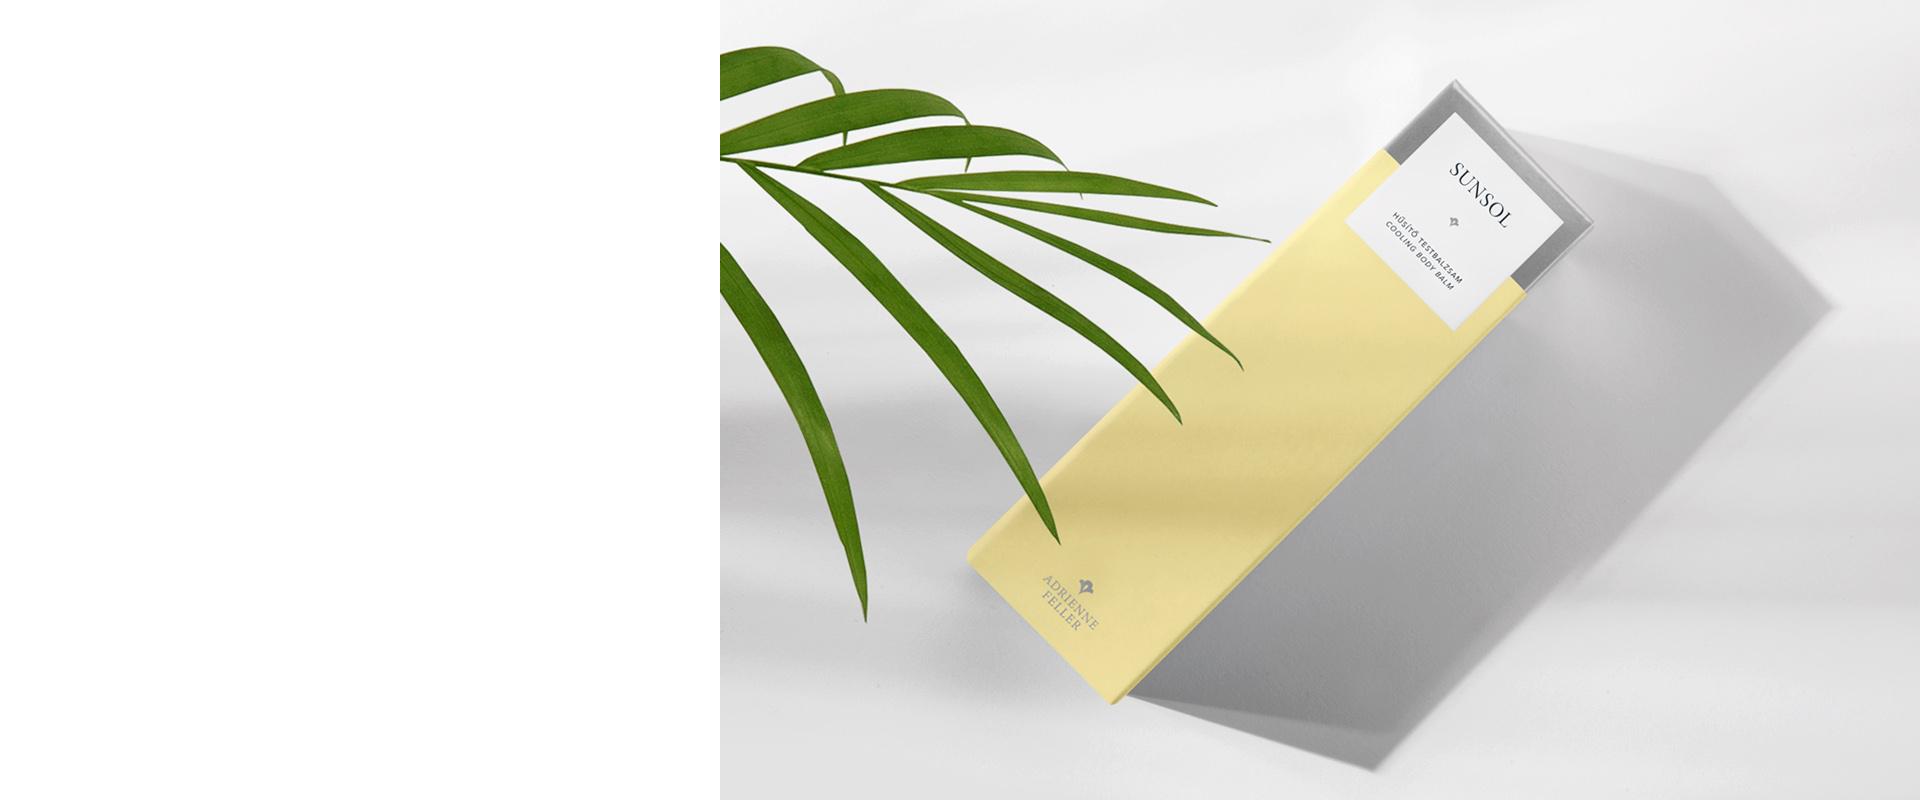 Adrienne Feller Sunsol Package